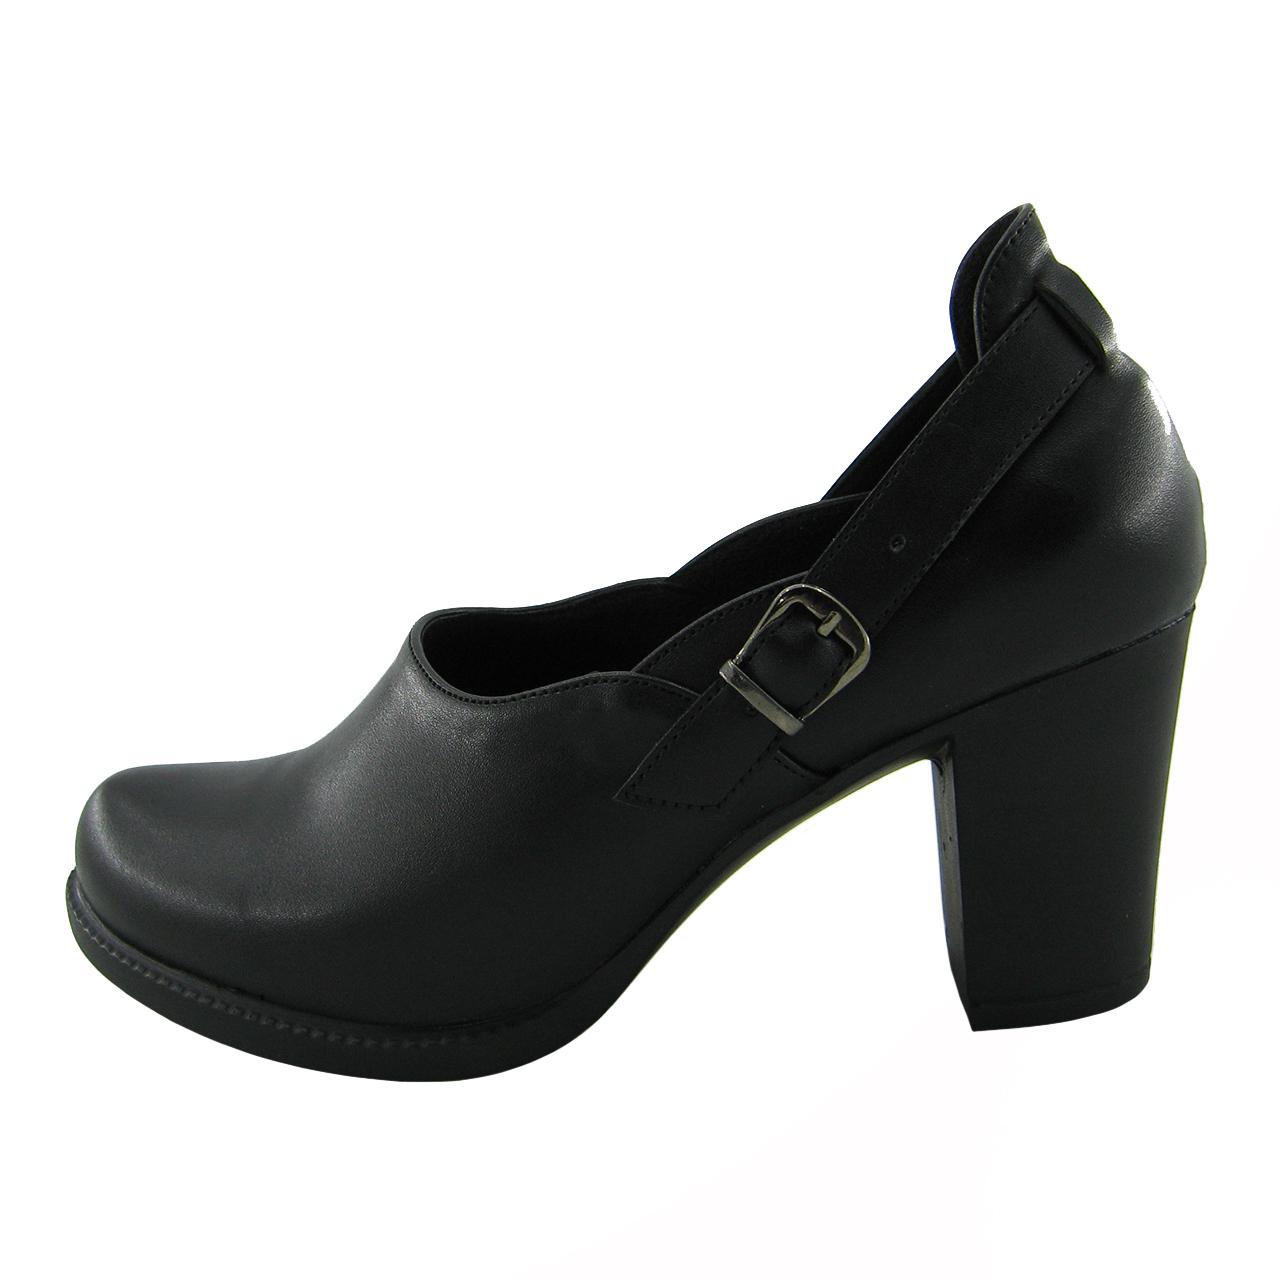 کفش زنانه مدل آیدا کد 01